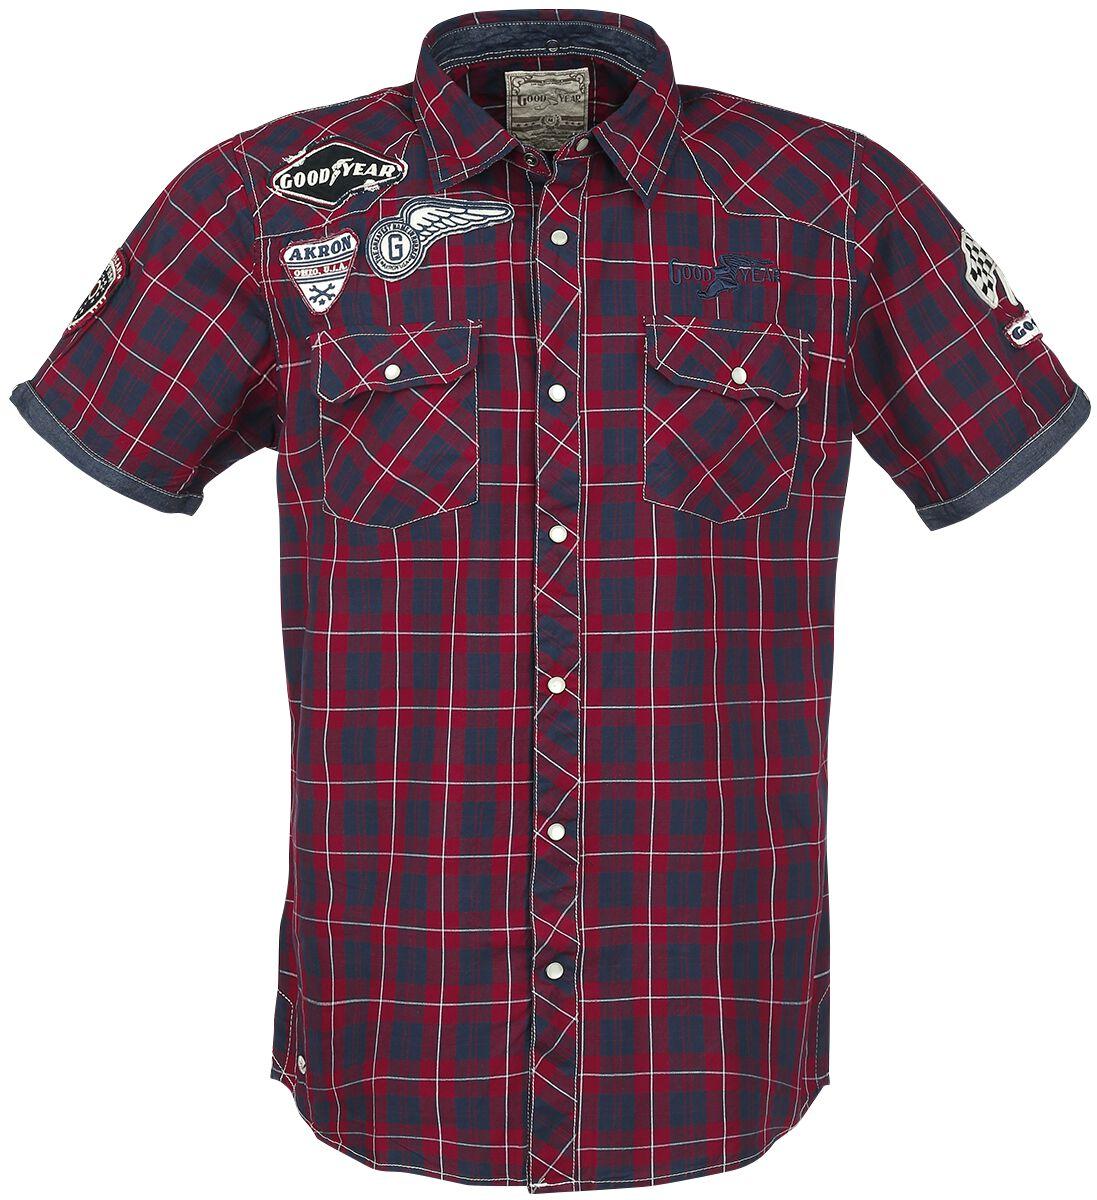 Marki - Koszule z krótkim rękawem - Workershirt GoodYear Oklahoma Workershirt czerwony/granatowy - 298223